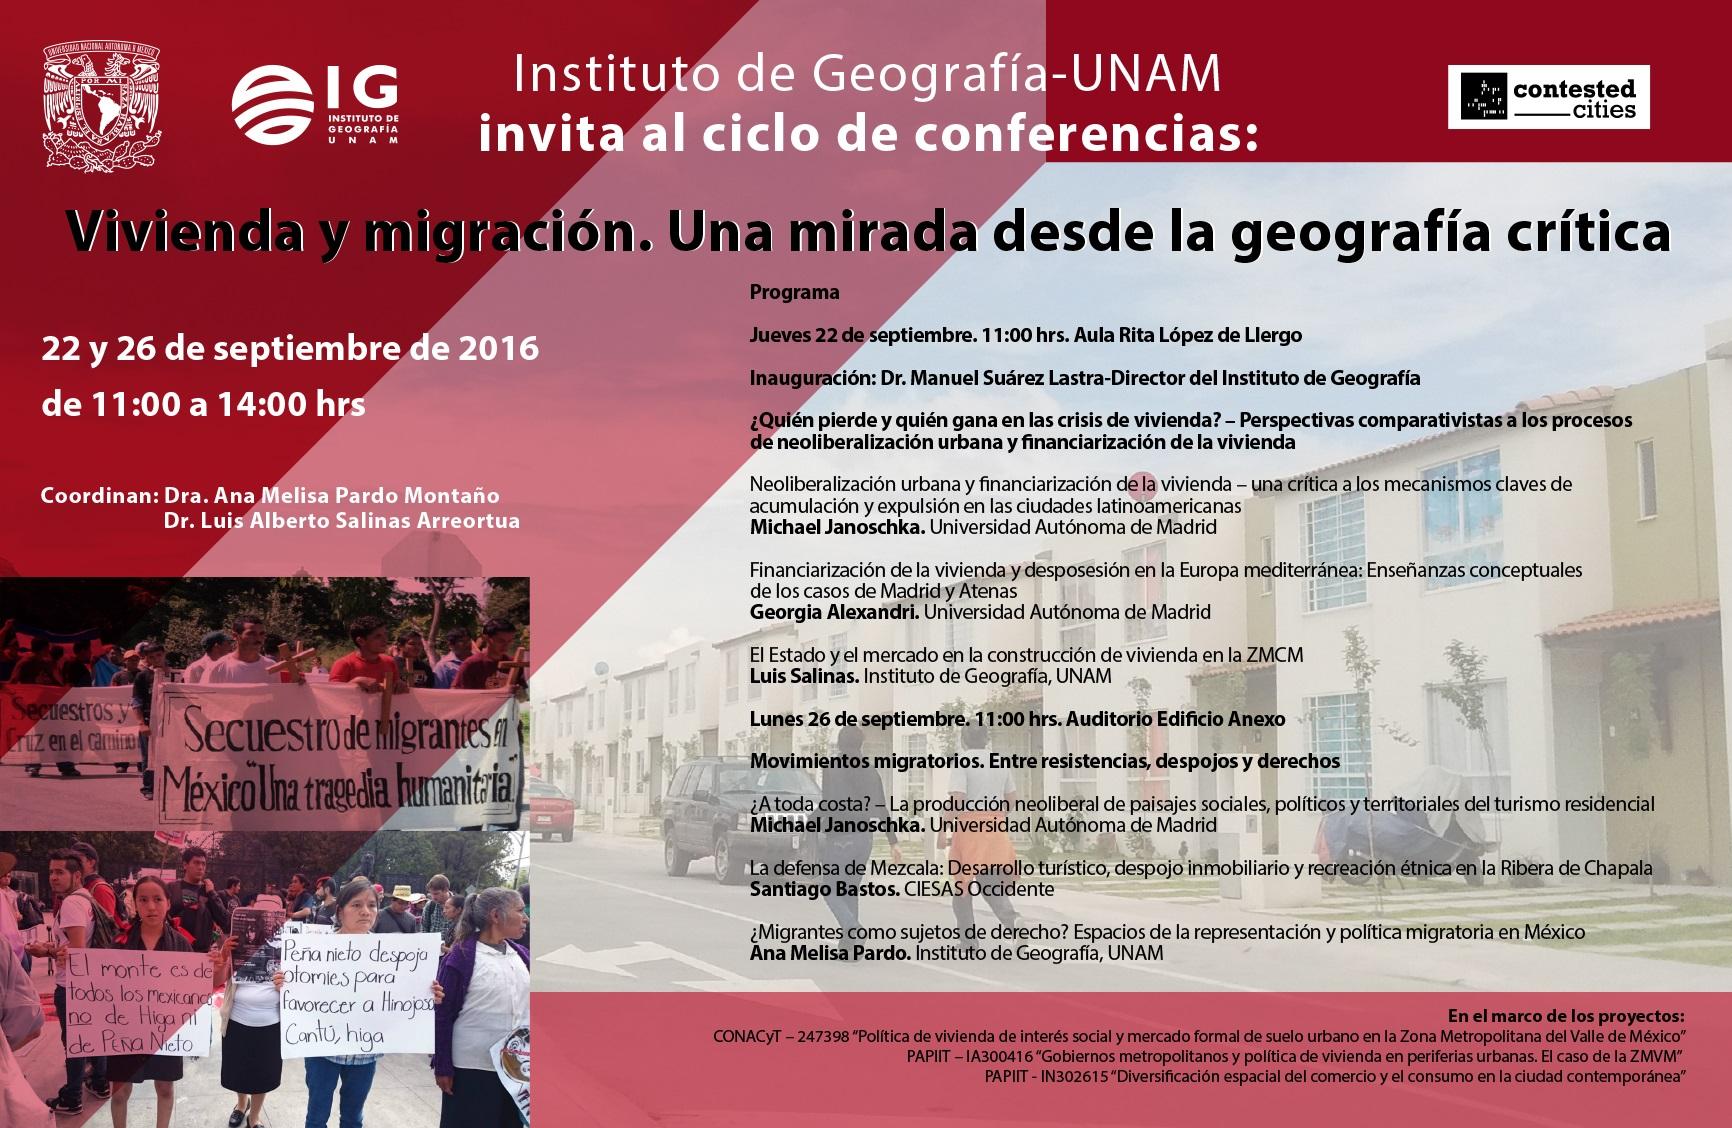 [CIUDAD DE MÉXICO] Ciclo de Conferencias Vivienda y migración